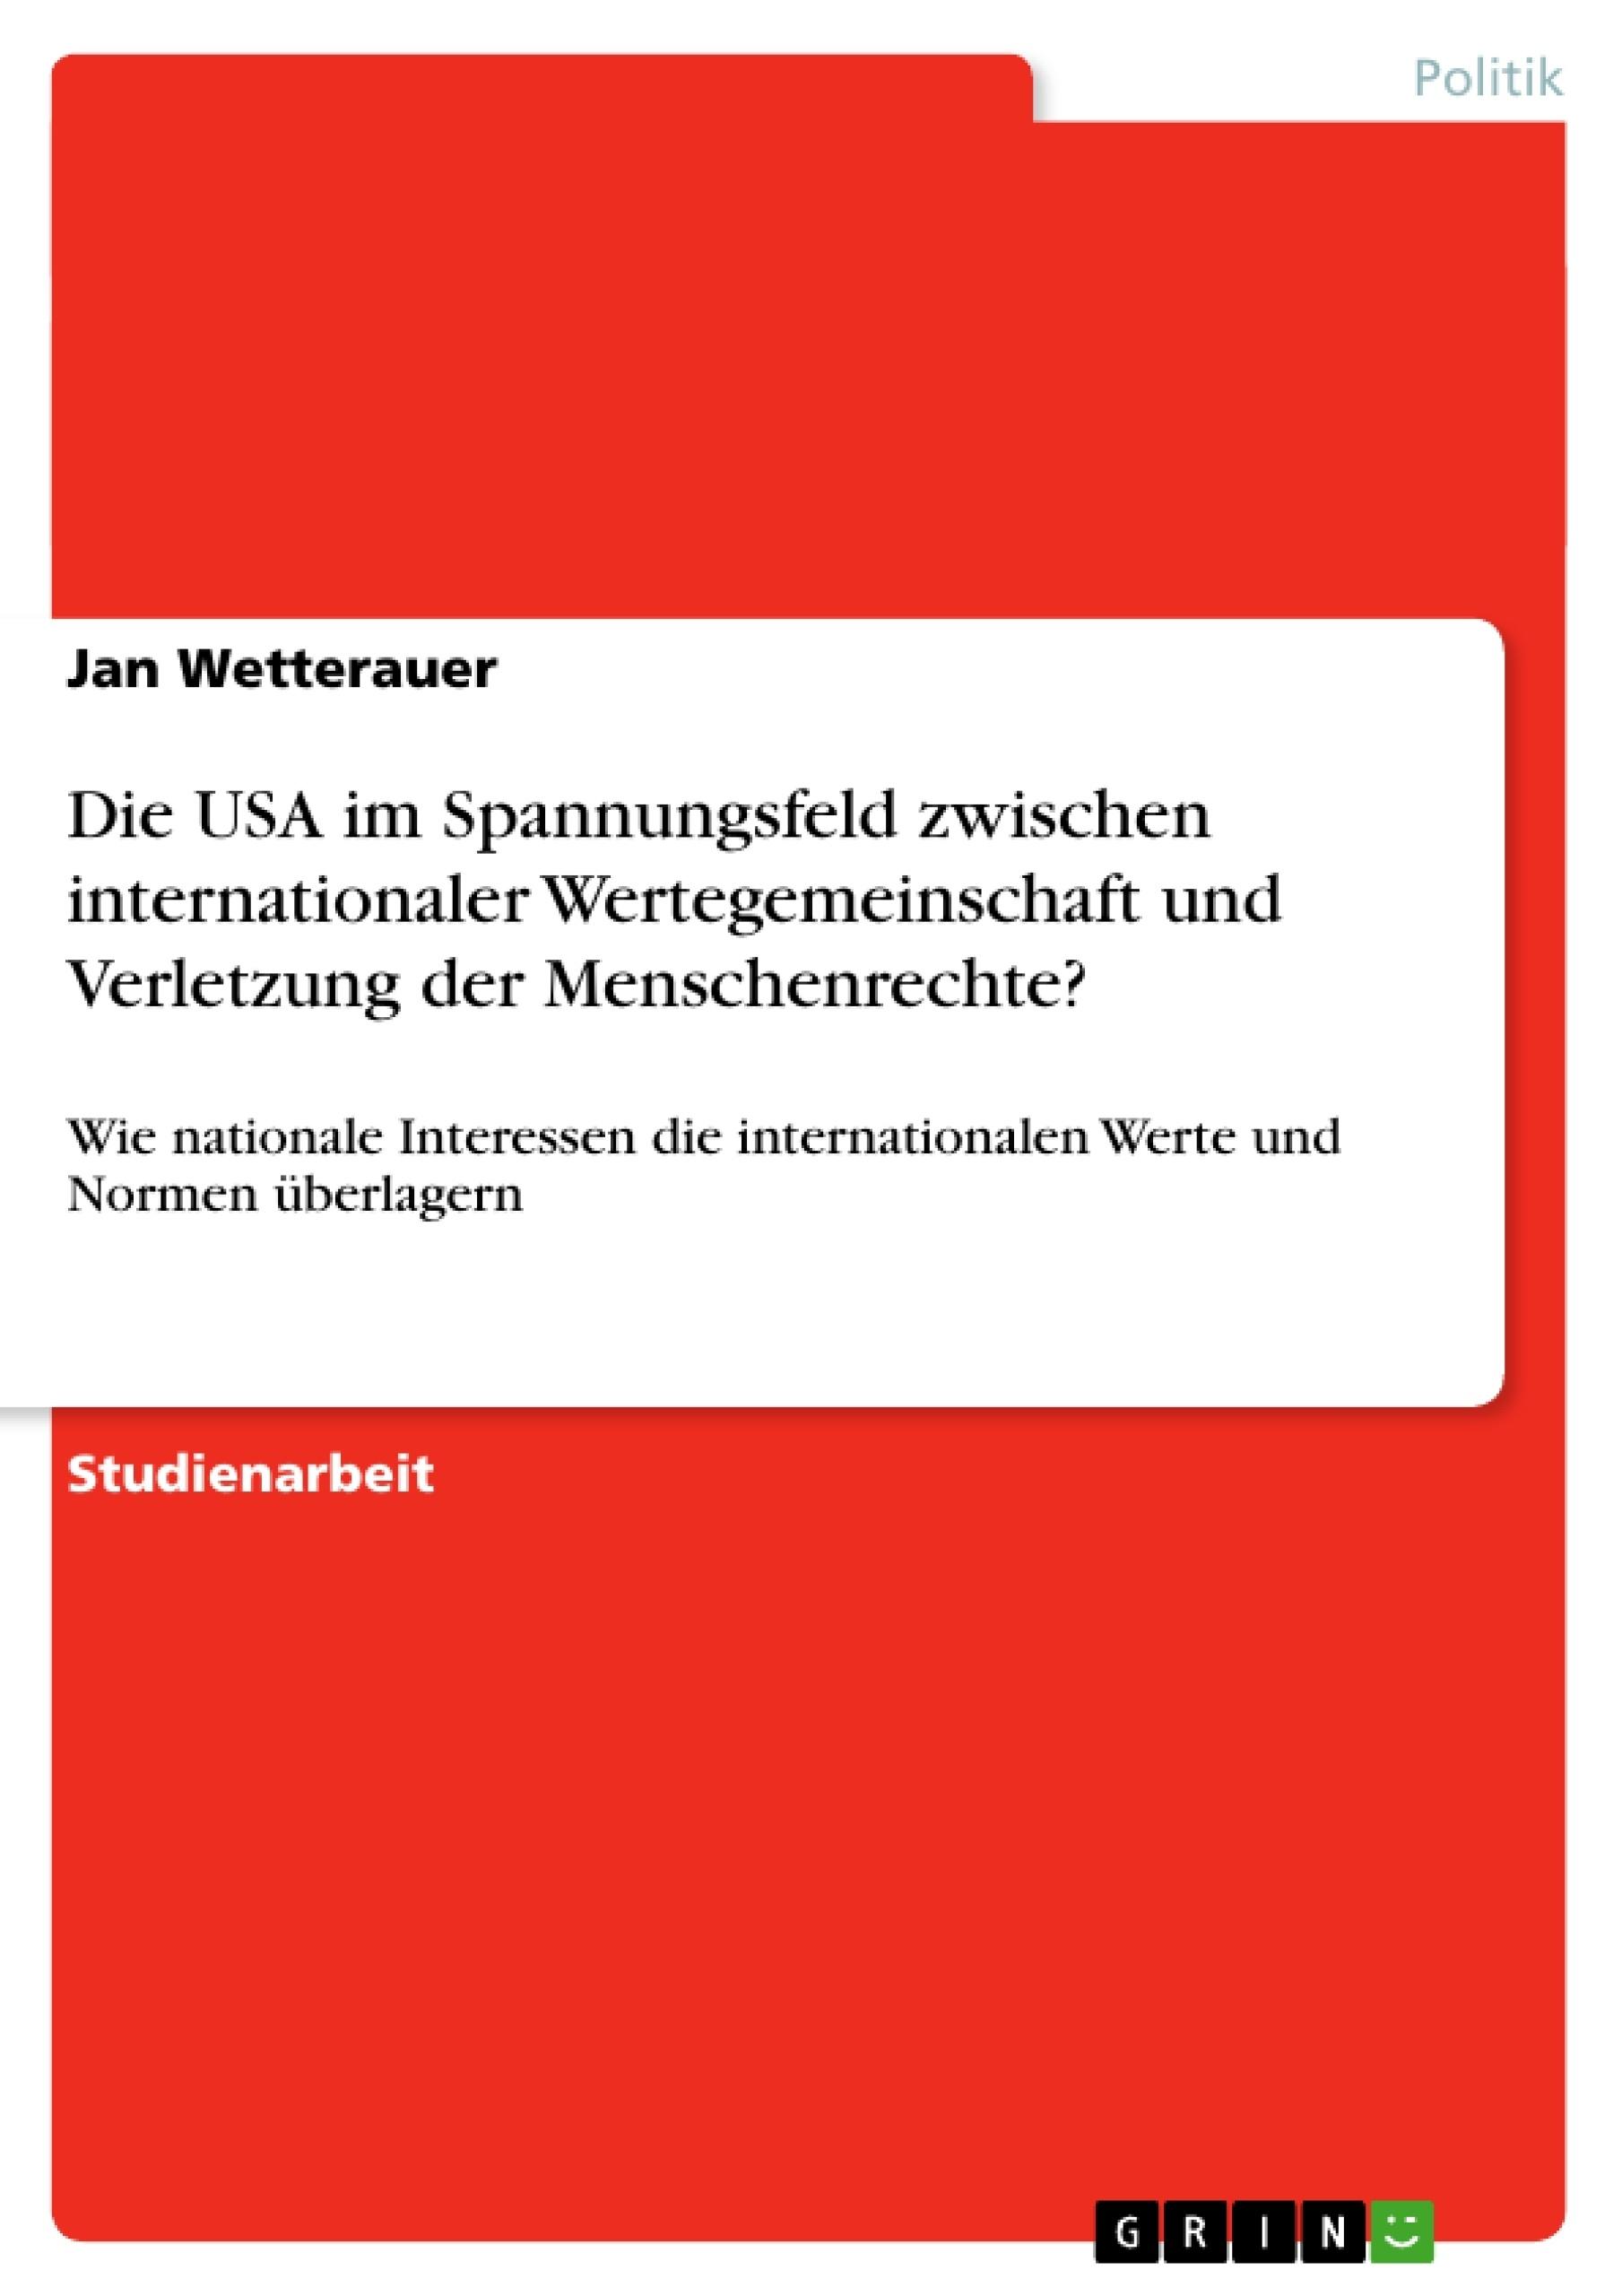 Titel: Die USA im Spannungsfeld zwischen internationaler Wertegemeinschaft und Verletzung der Menschenrechte?